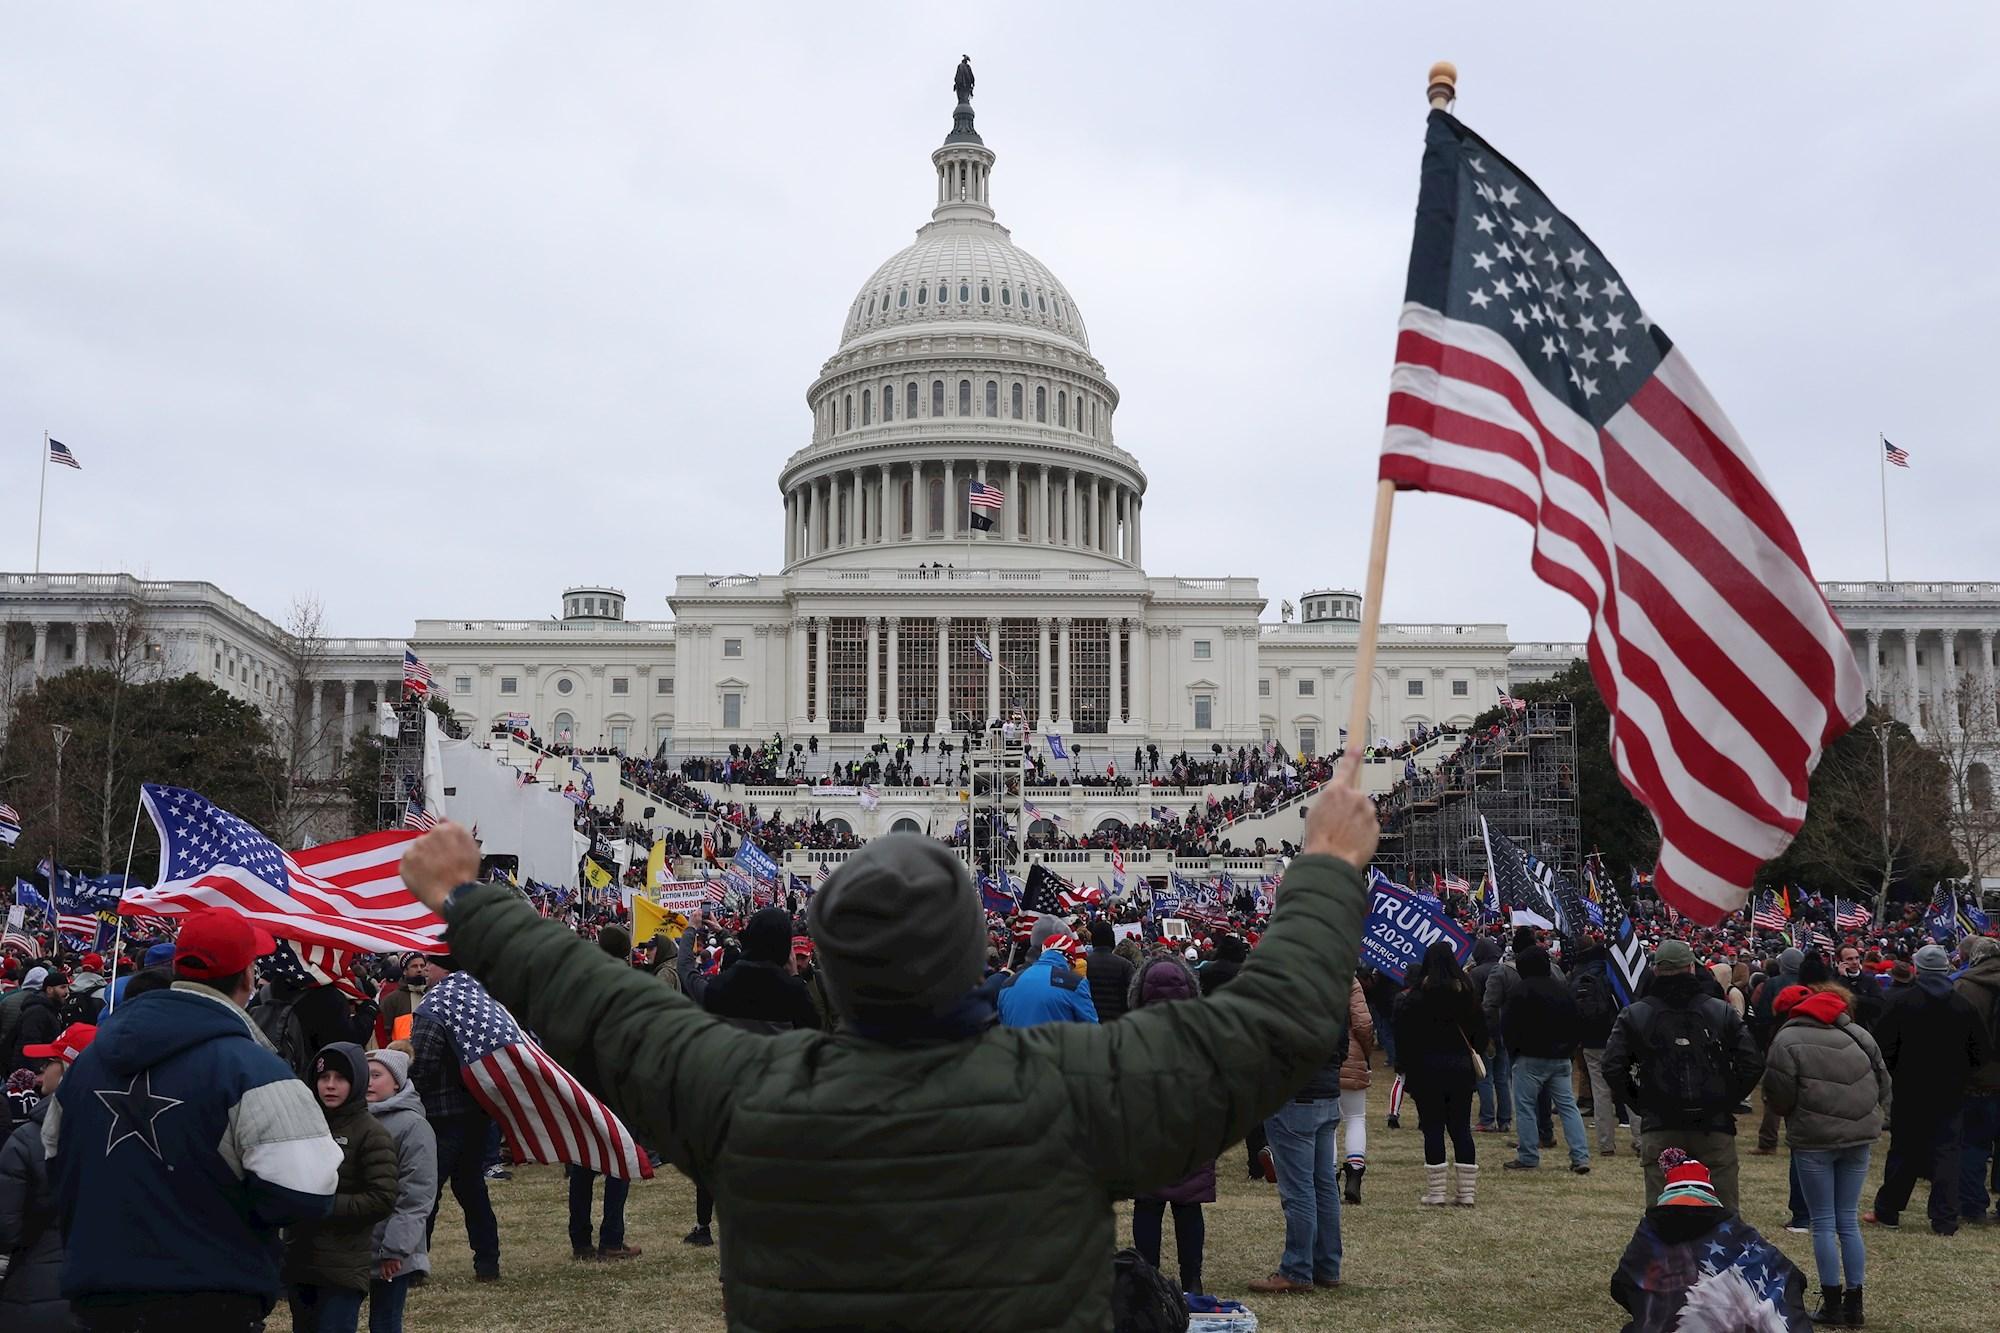 Un seguidor de Donald Trump sostiene la bandera de los Estados Unidos frente al Capitolio estadounidense, el 6 de enero de 2021 | EFE/MR/Archivo